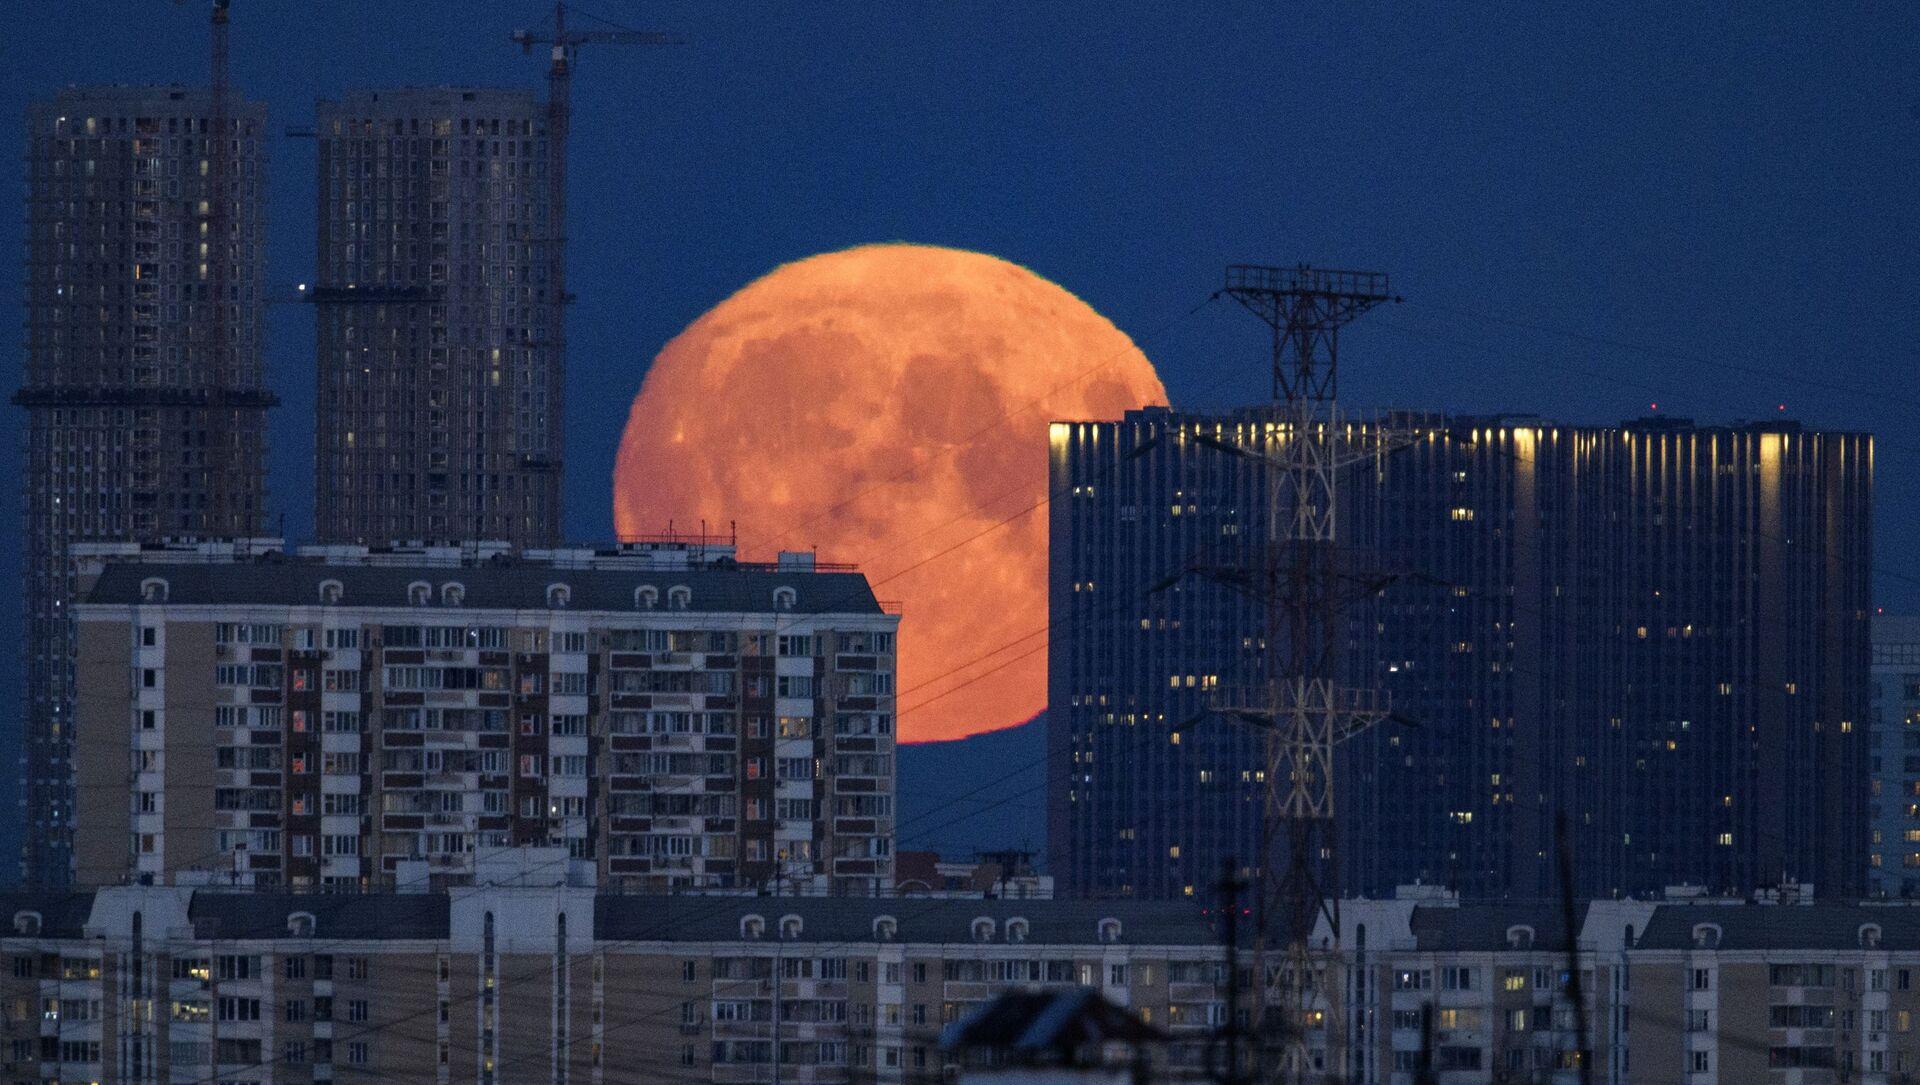 La Luna vista desde Moscú - Sputnik Mundo, 1920, 02.02.2021